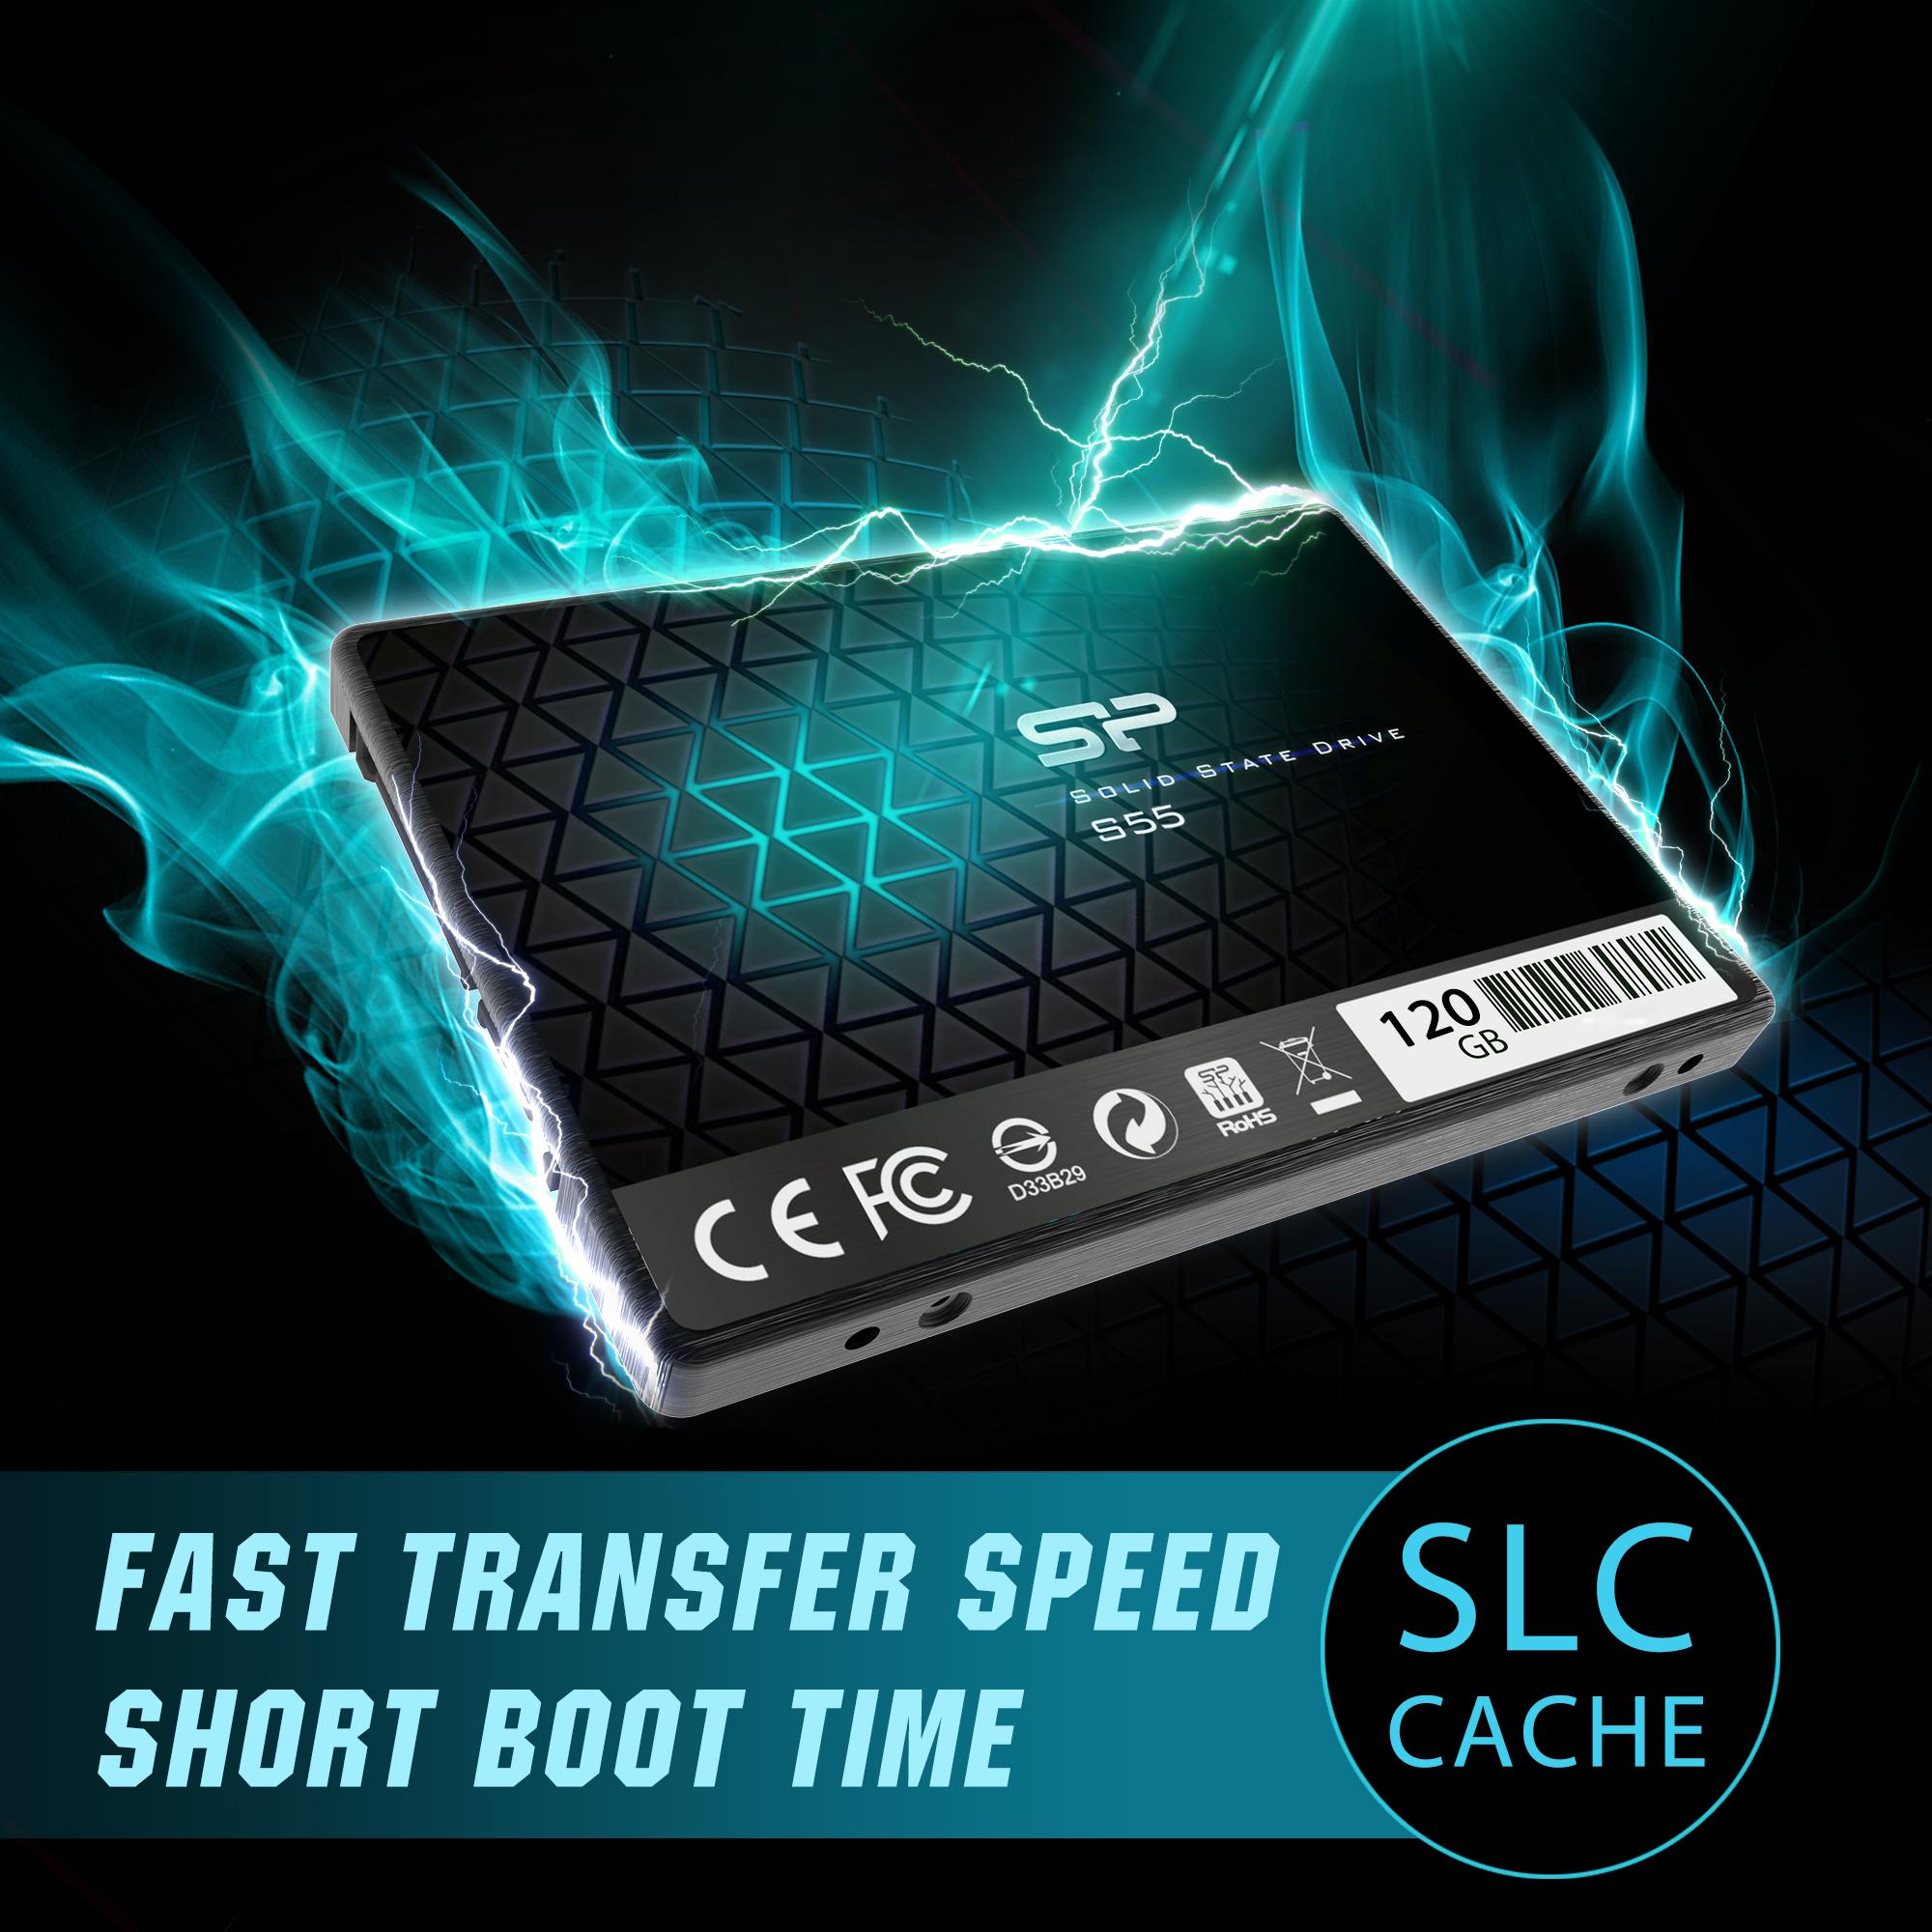 120GB-Silicon-Power-SATA3-SSD-S55-2-5-034-TLC-Slim-7mm-read-write-520-370MB-sec thumbnail 3